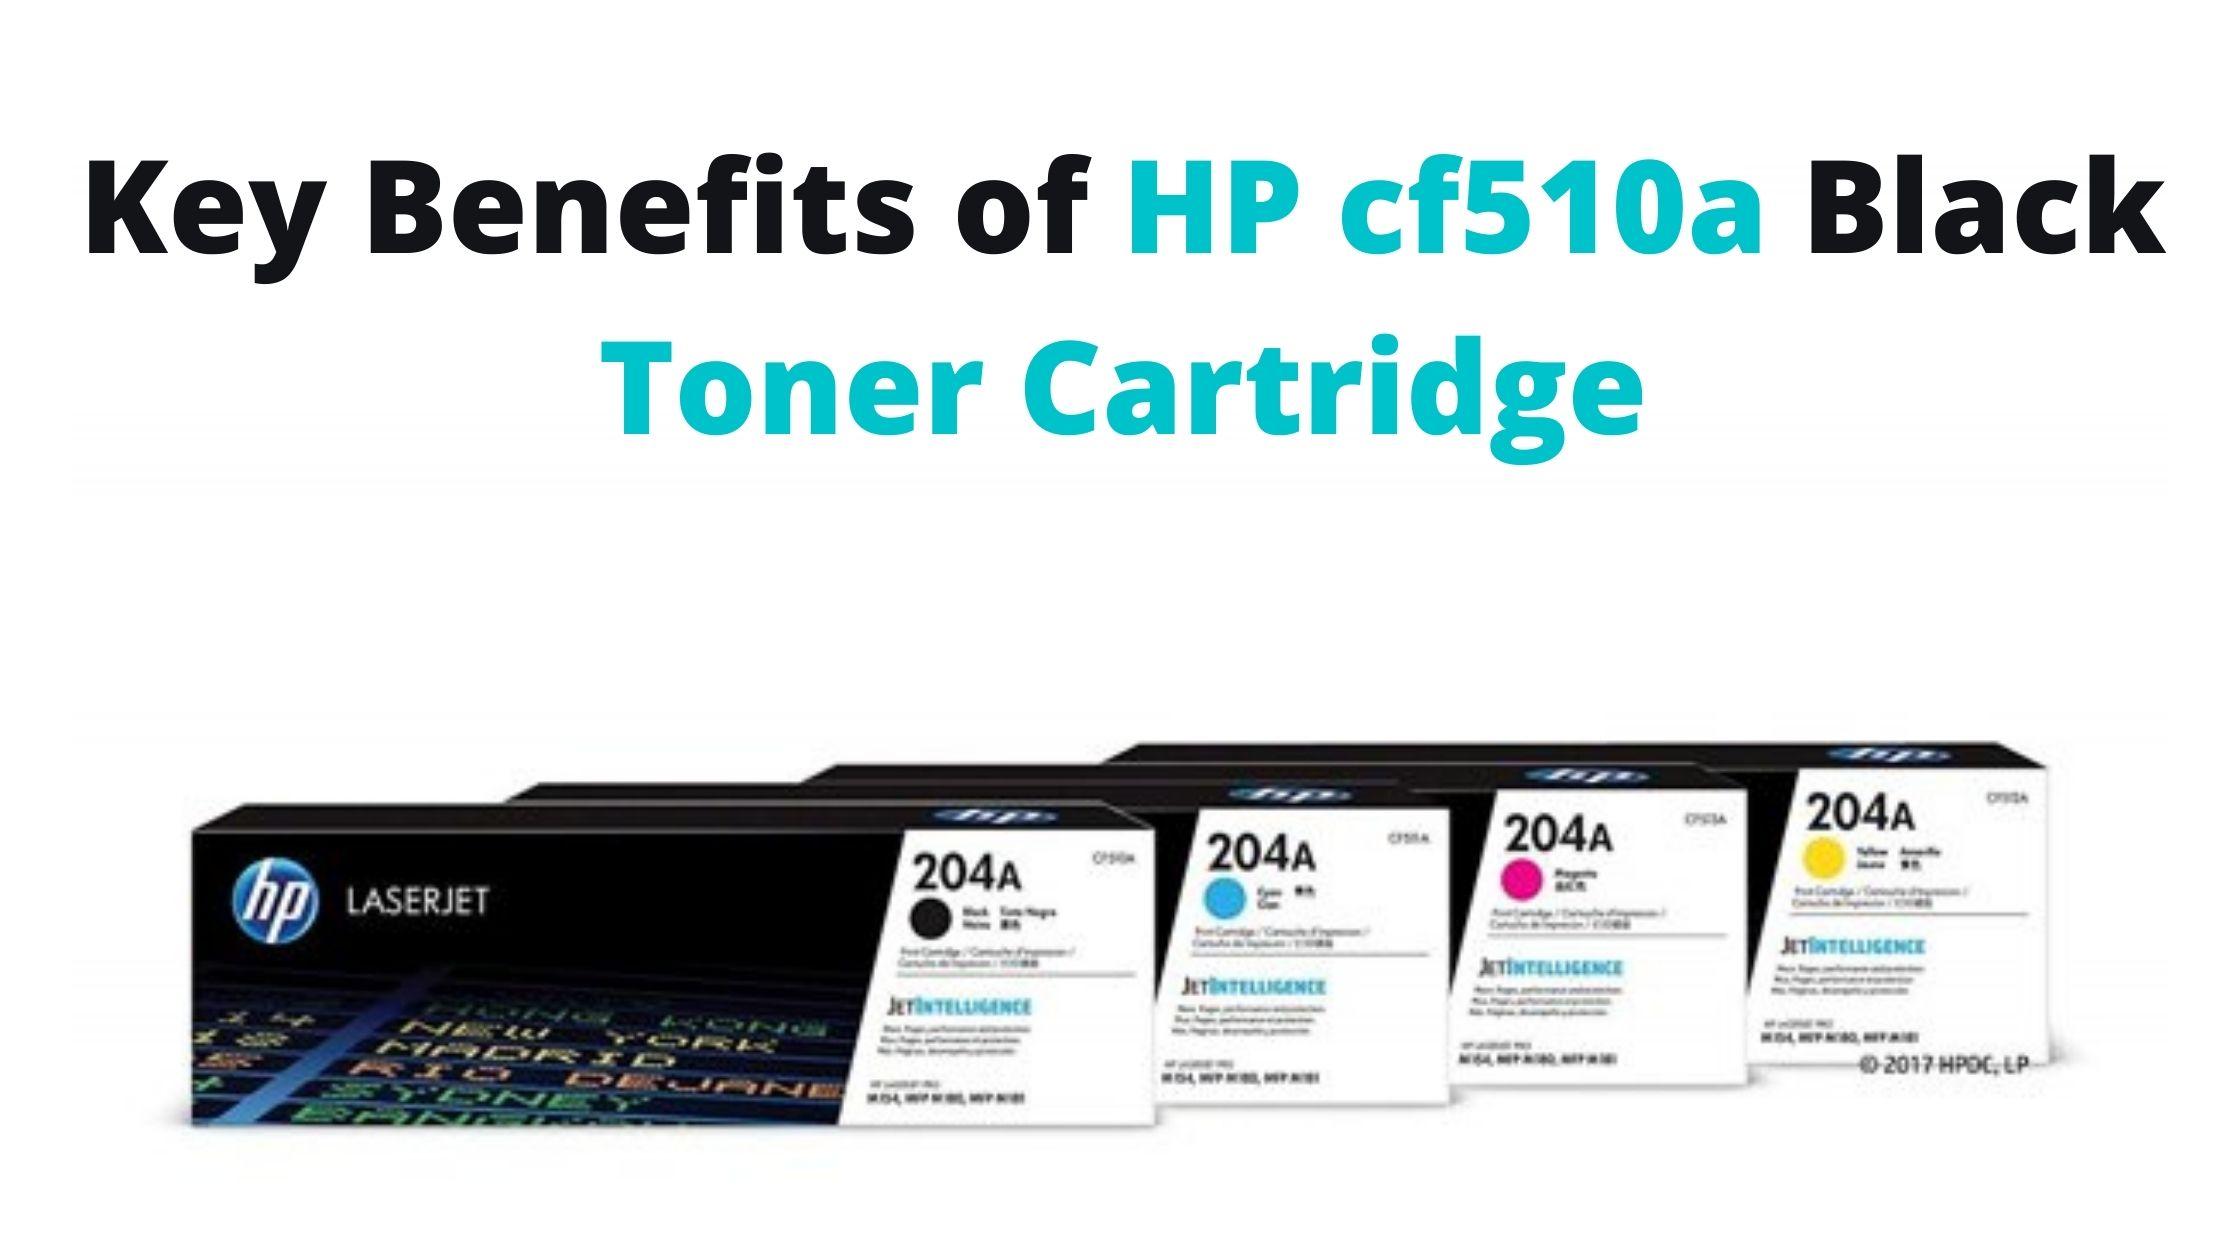 HP cf510a toner cartridge